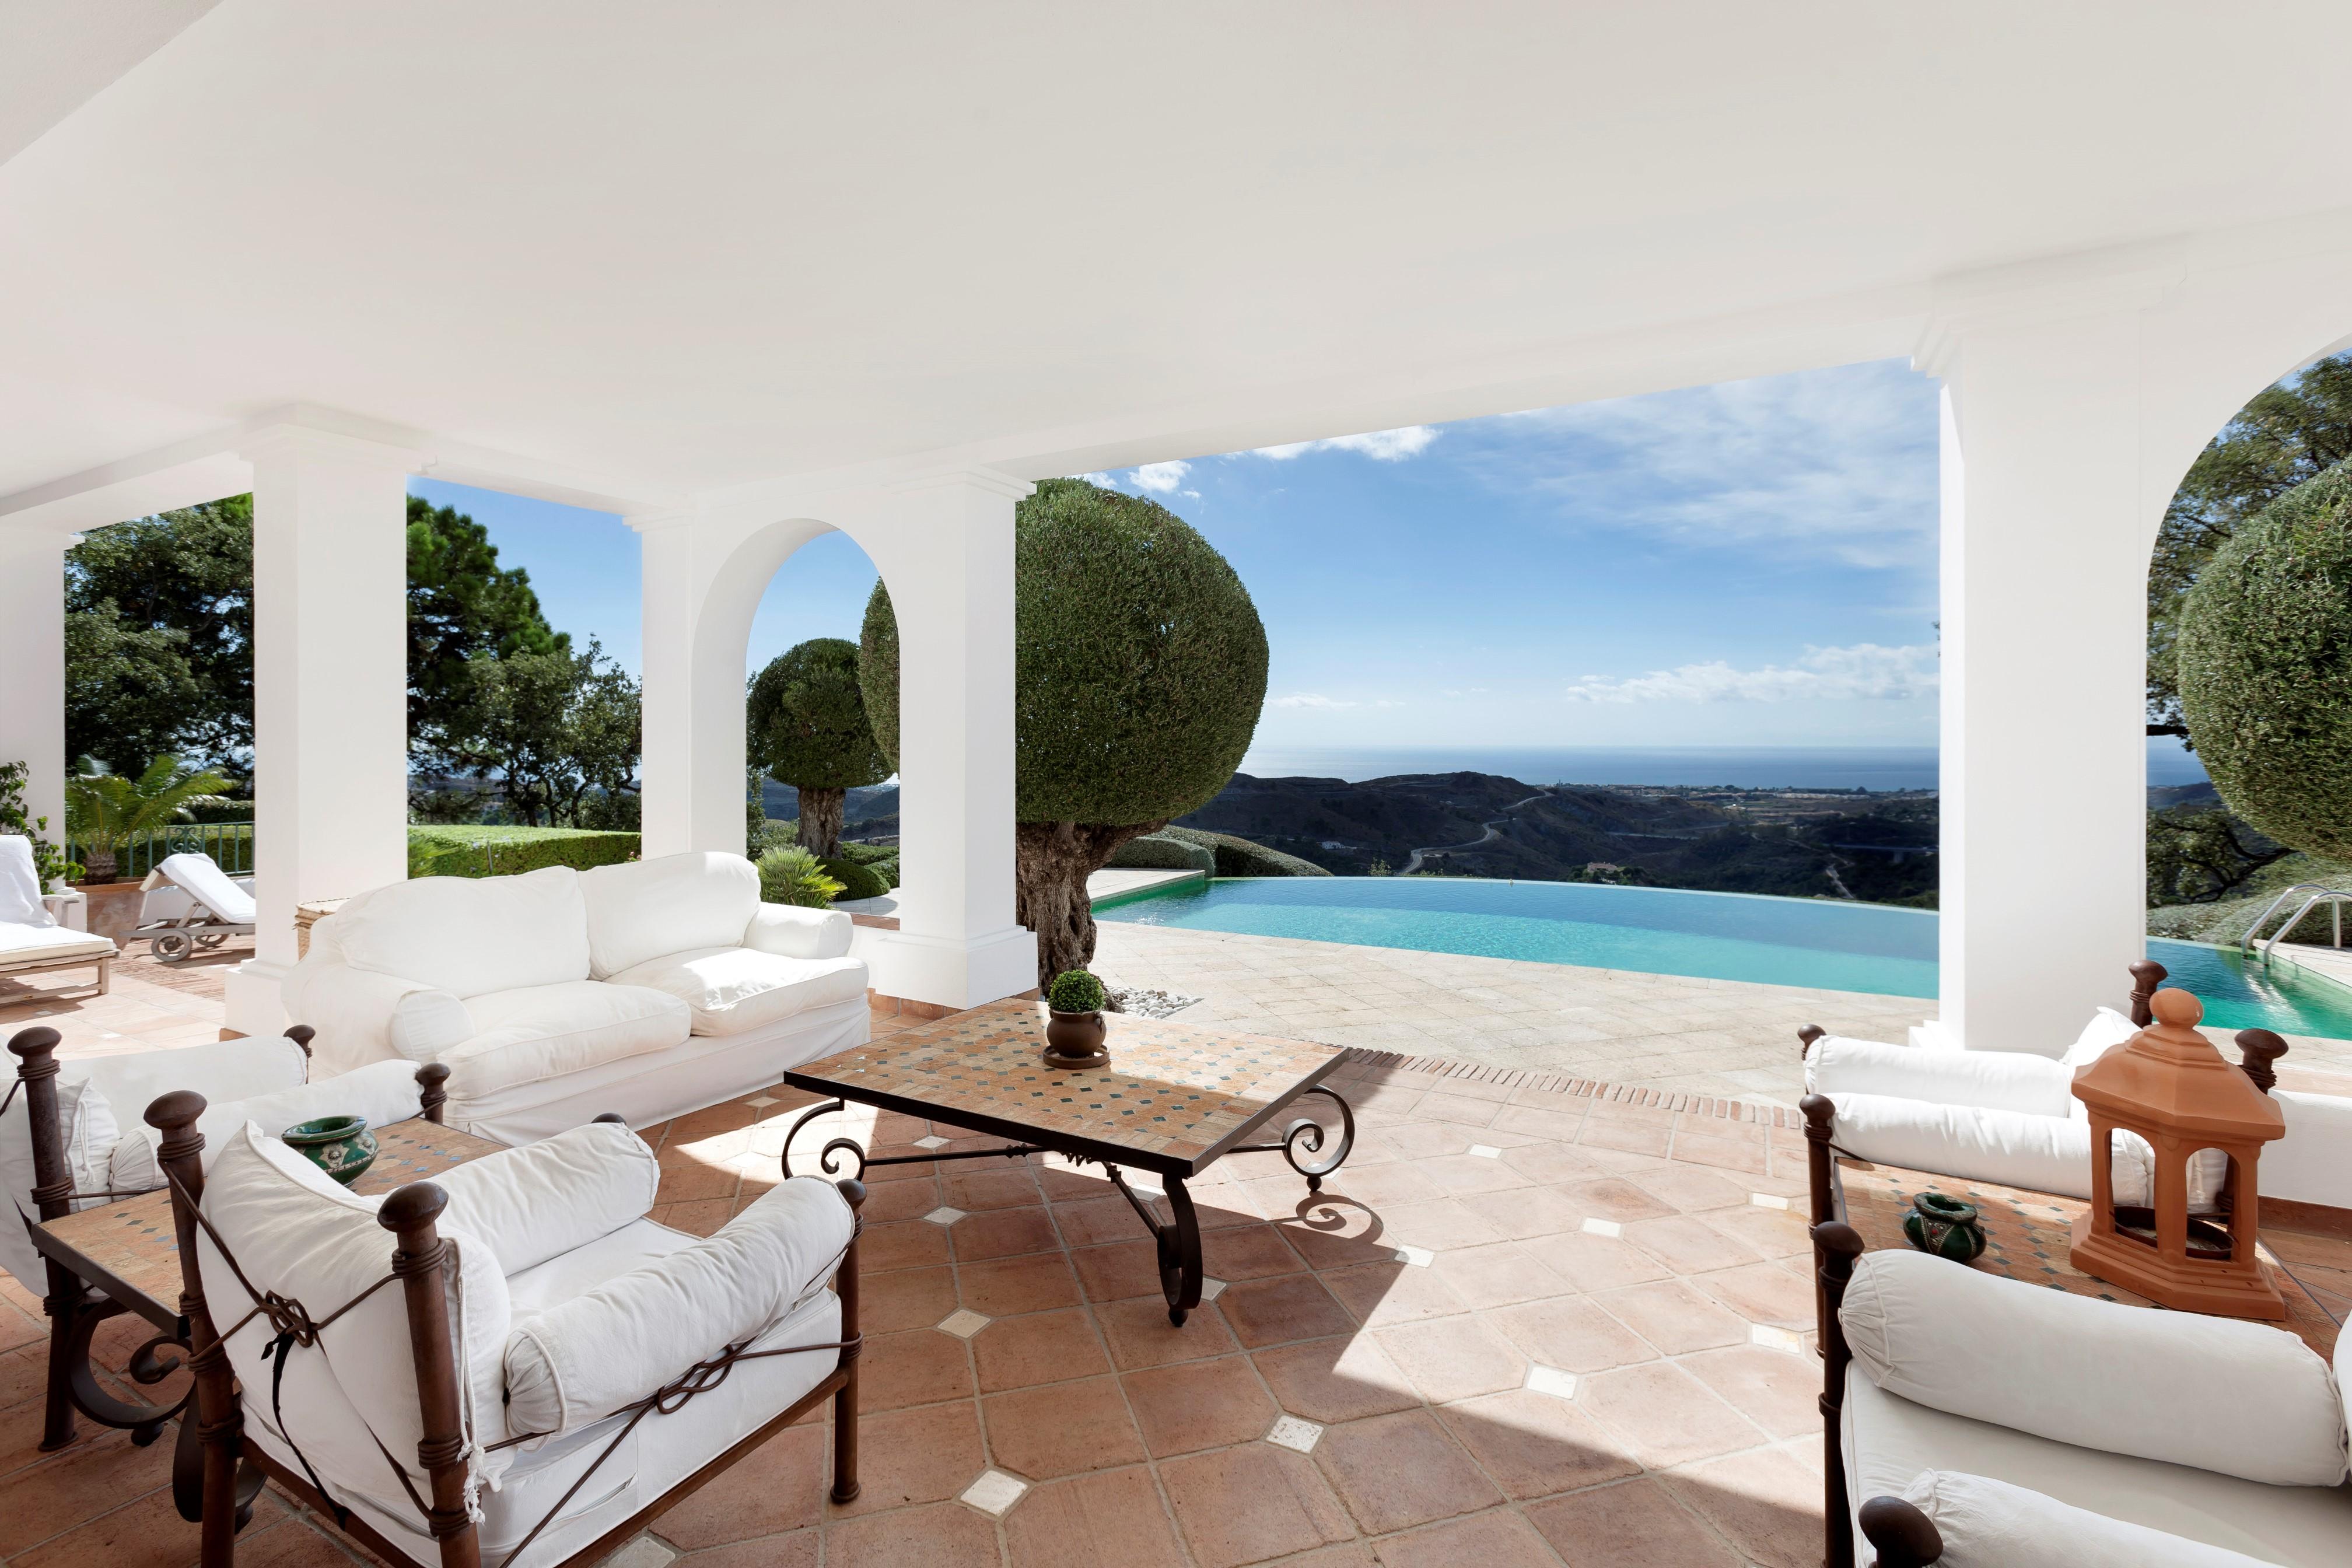 Siguen las noticias positivas para el mercado inmobiliario español